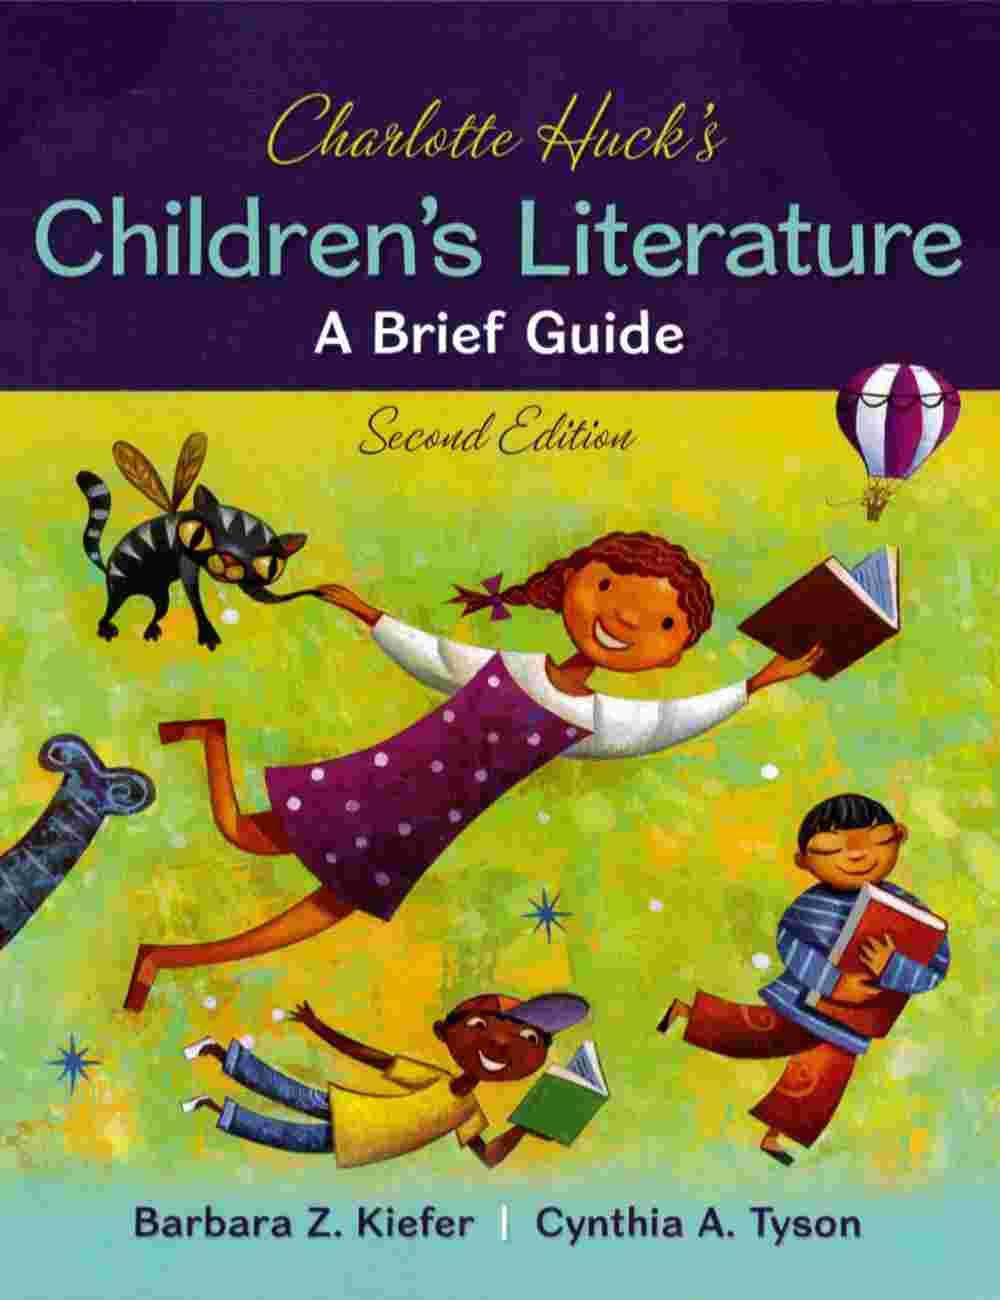 Charlotte Huck's Children's Literature: A Bri